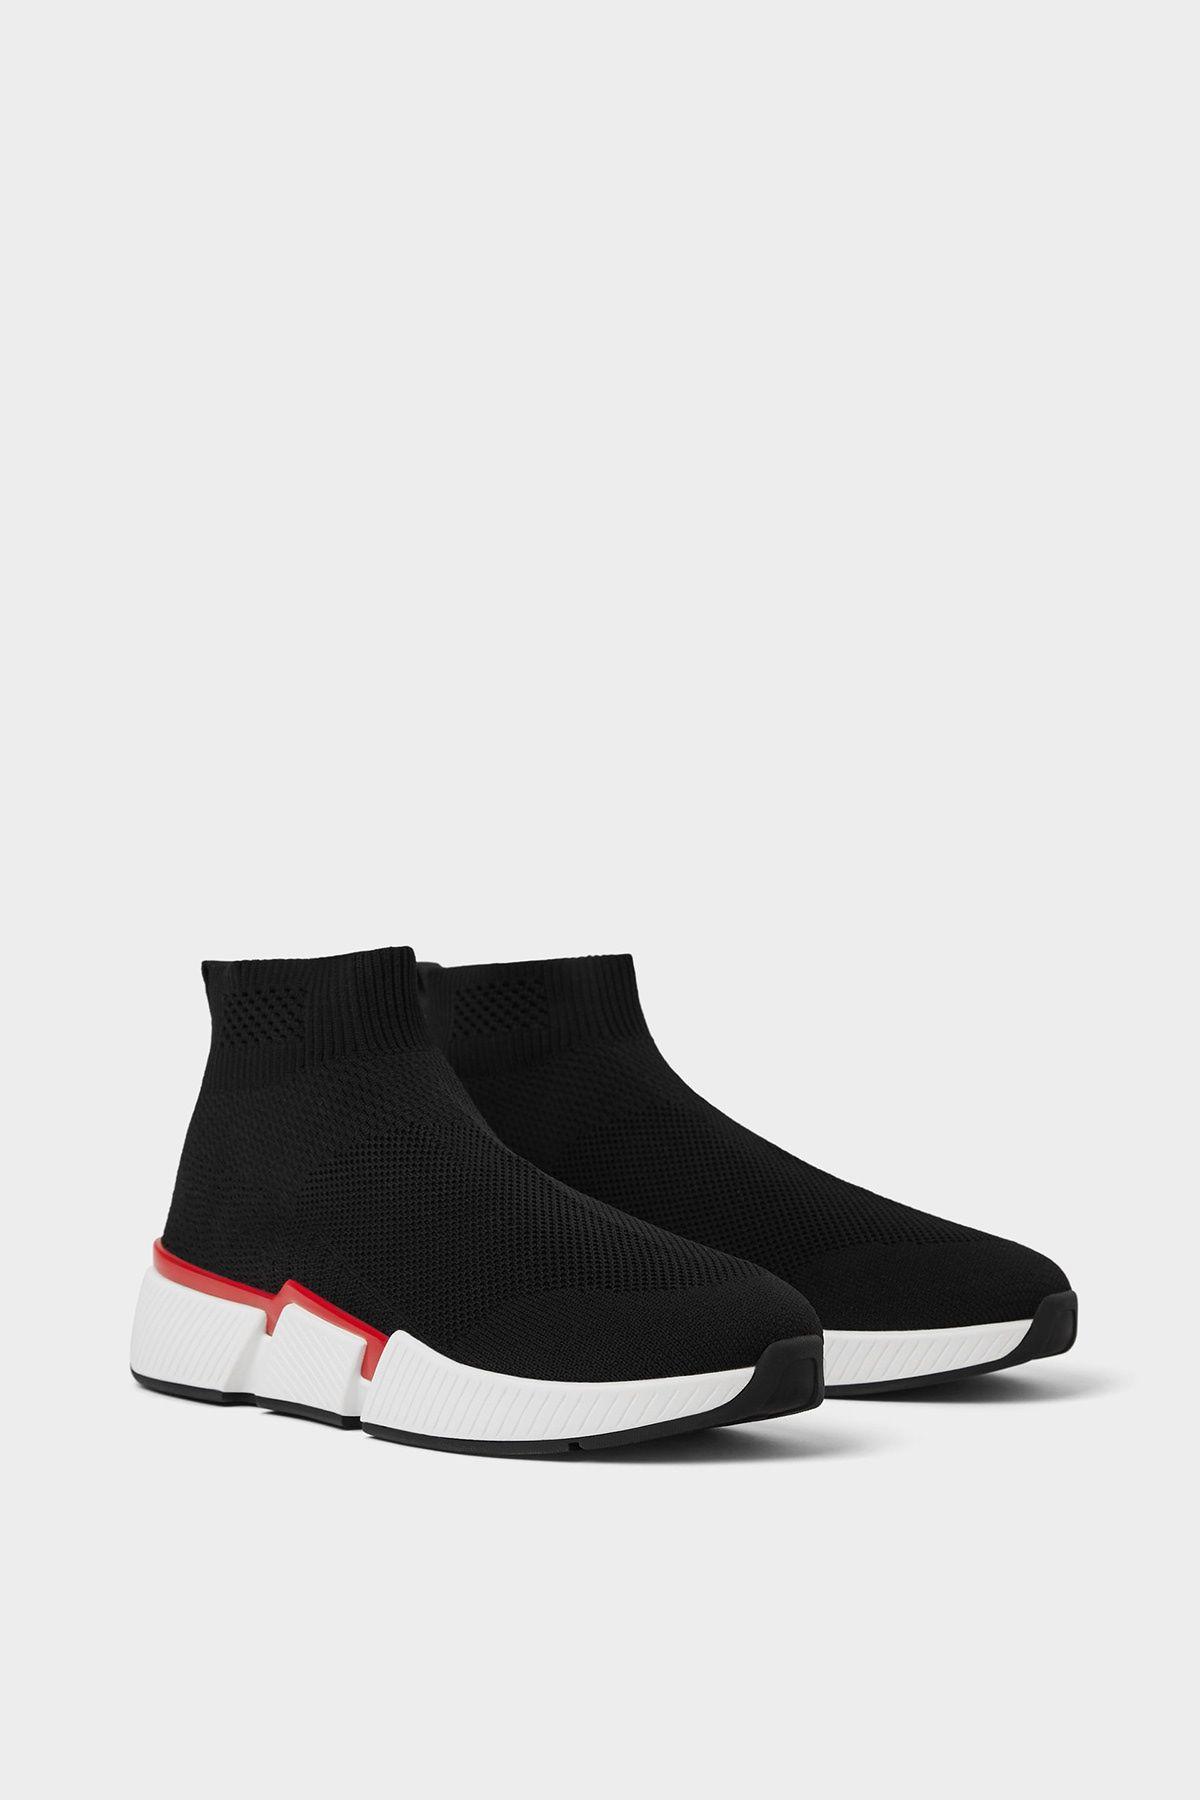 Flyknit sock for Zara man on Behance